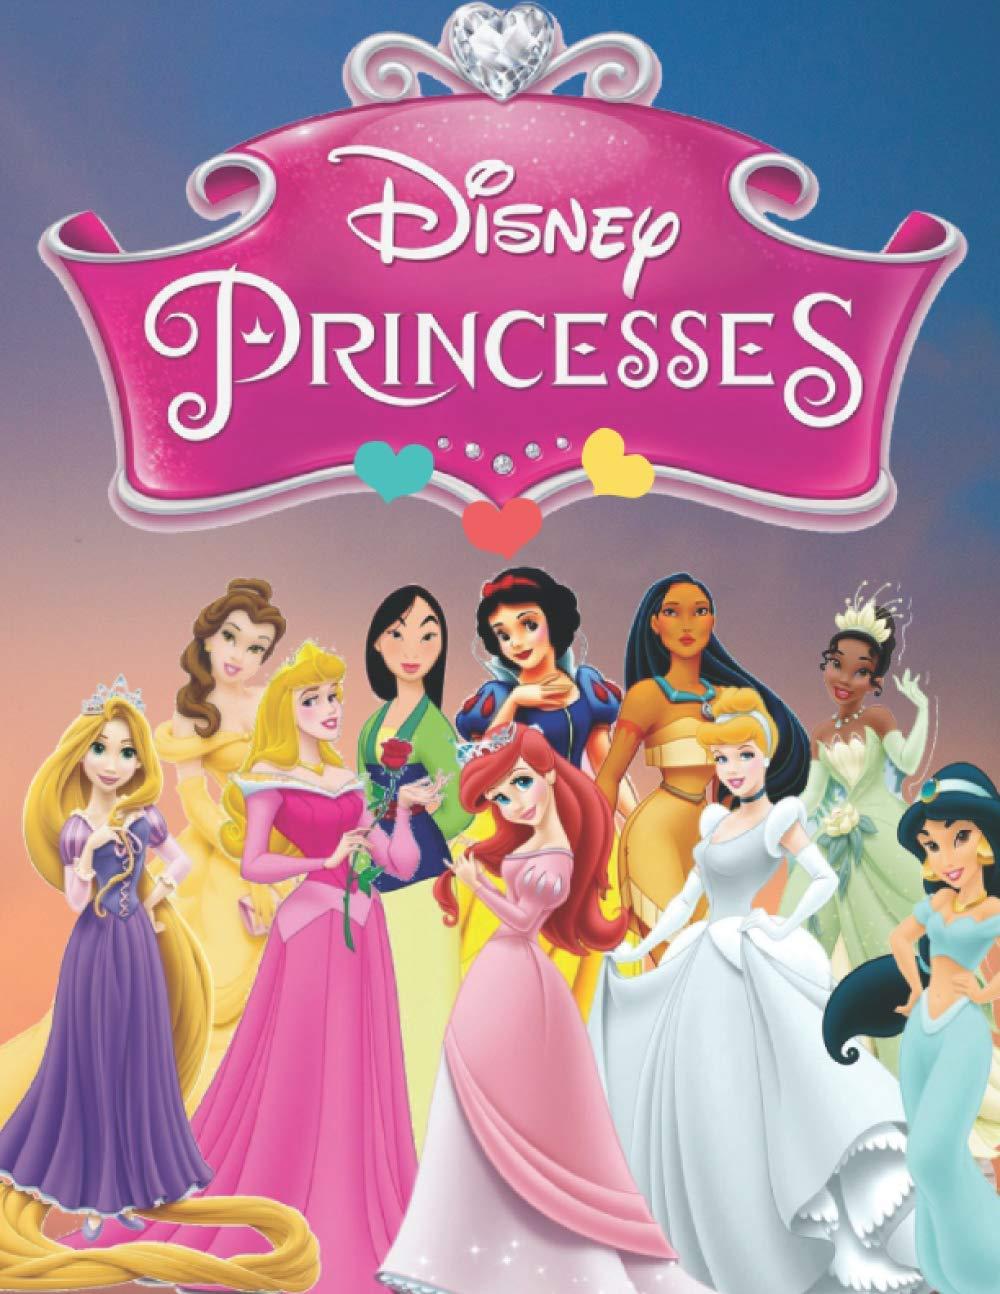 Disney Princesses Livre De Coloriage Princesses Disney Livre De Coloriage Princesse Avec De Belles Images Pour Les Enfants De 4 A 8 Ans French Edition Km Sarah 9798684392665 Amazon Com Books